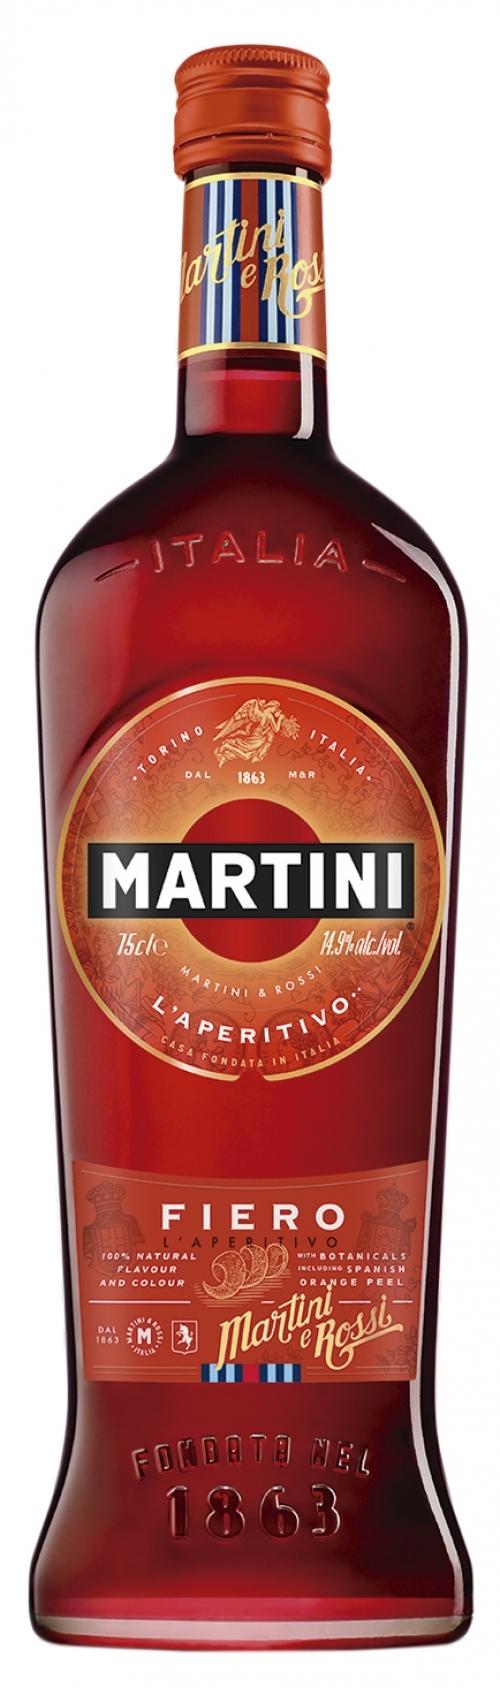 MARTINI® Fiero 75cl.